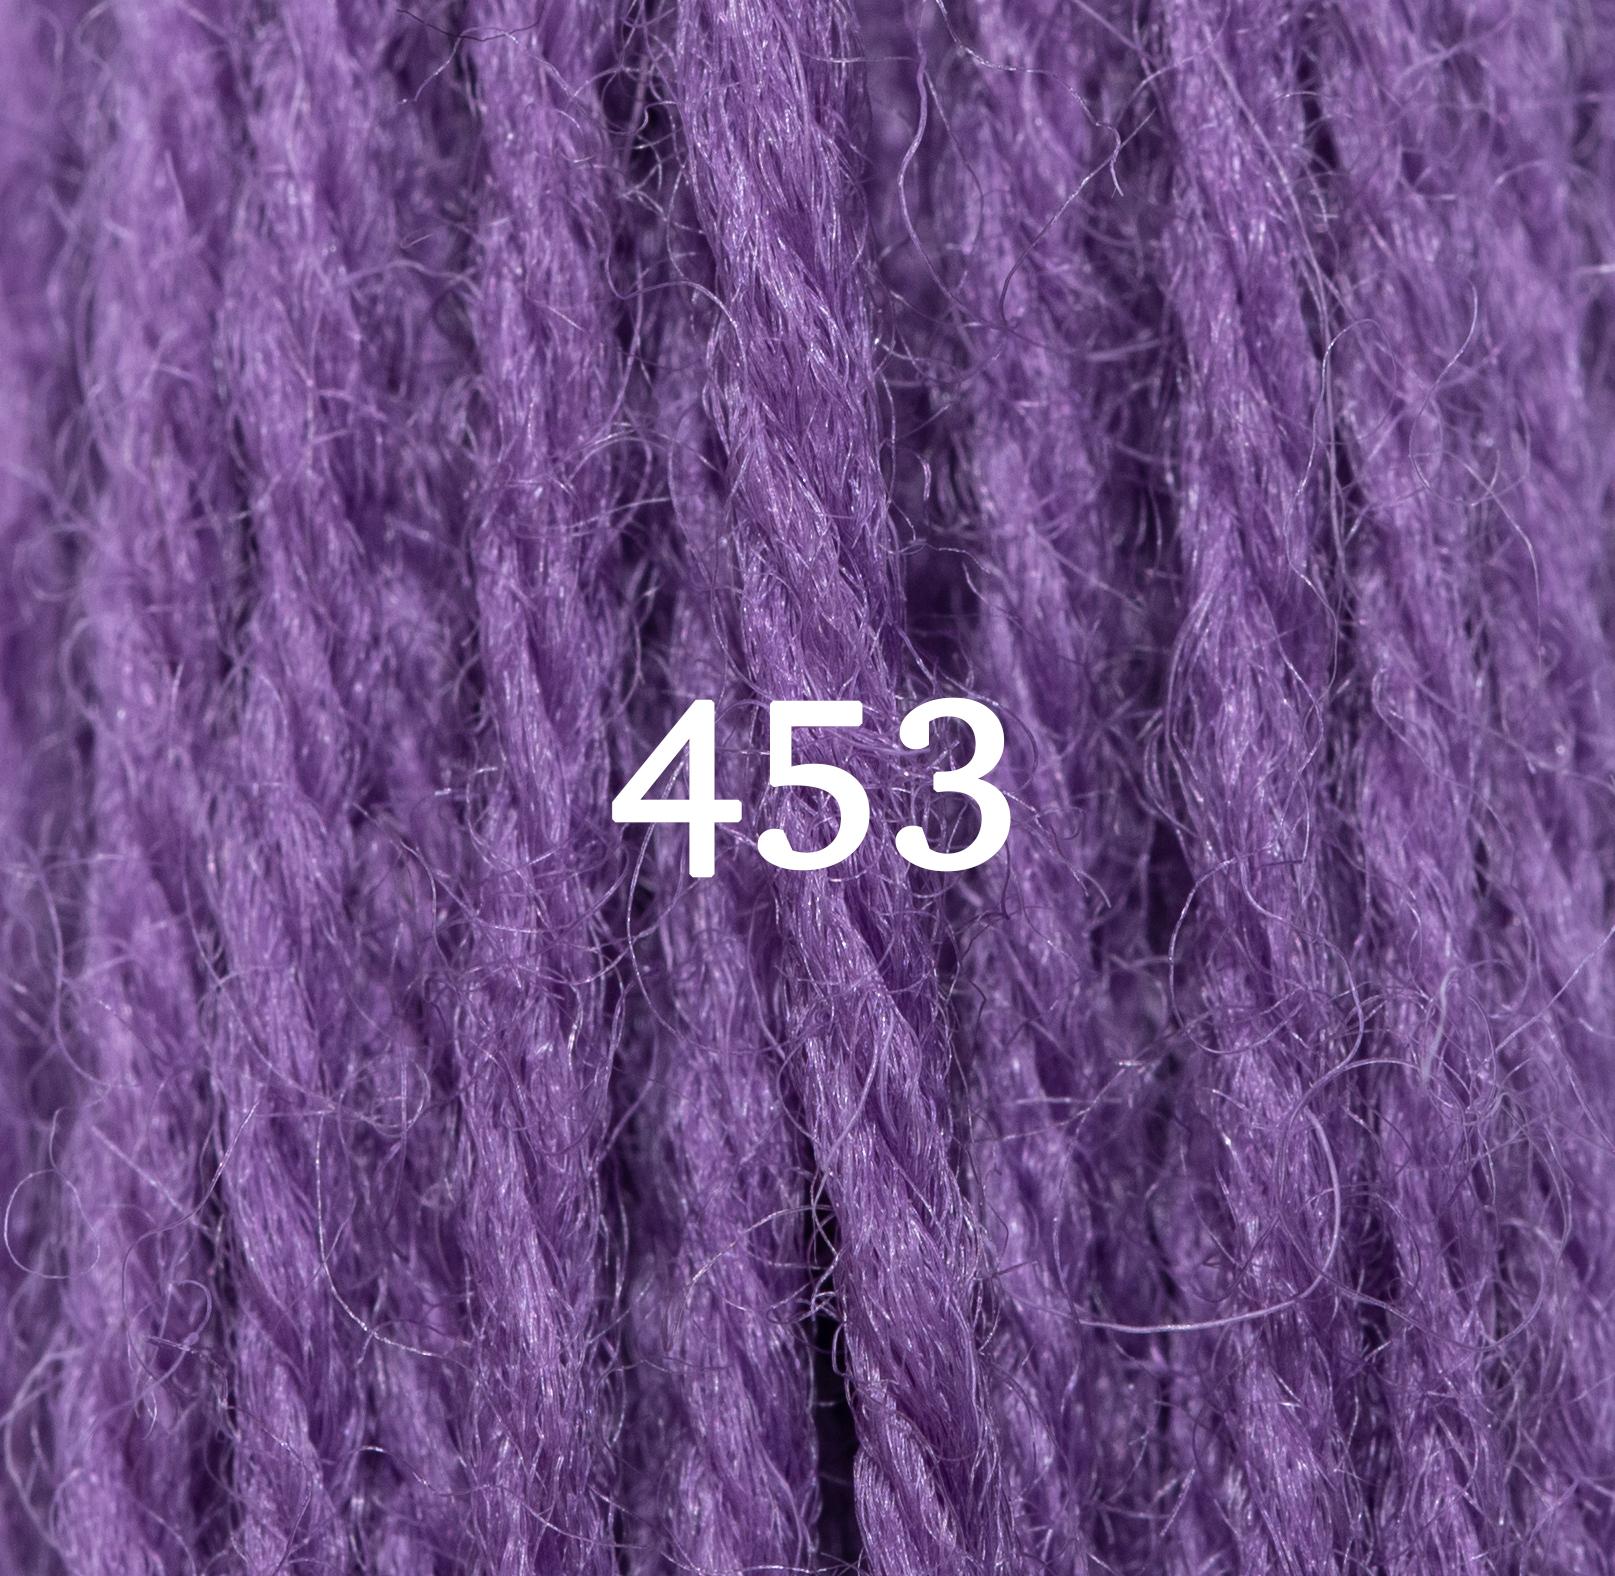 Bright-Mauve-453